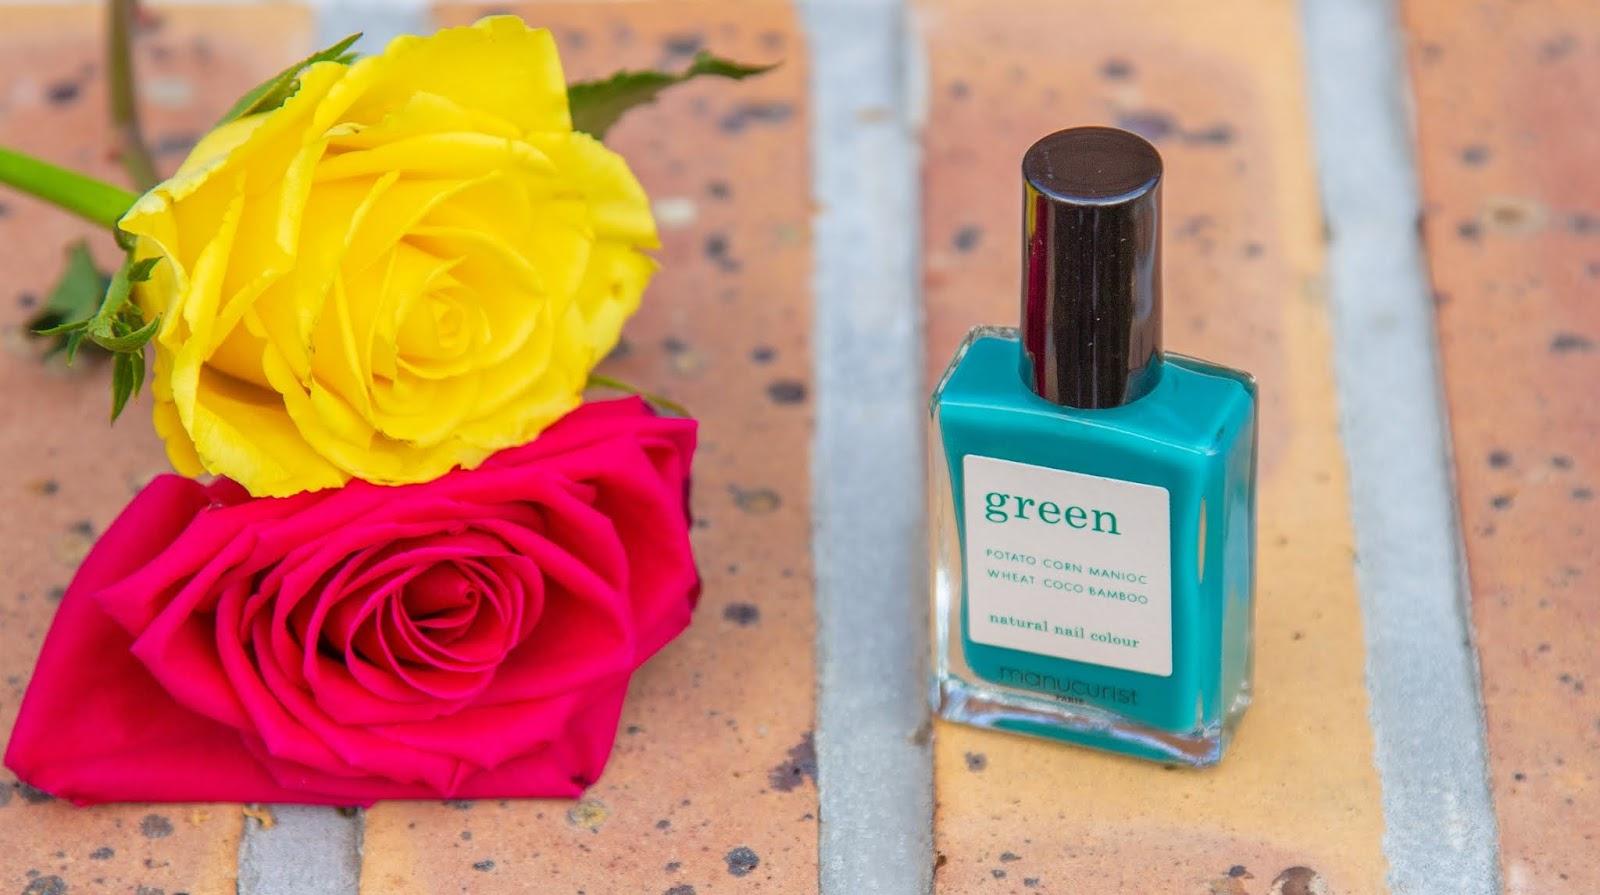 vernis-green-manucurist-bleu-caraibes